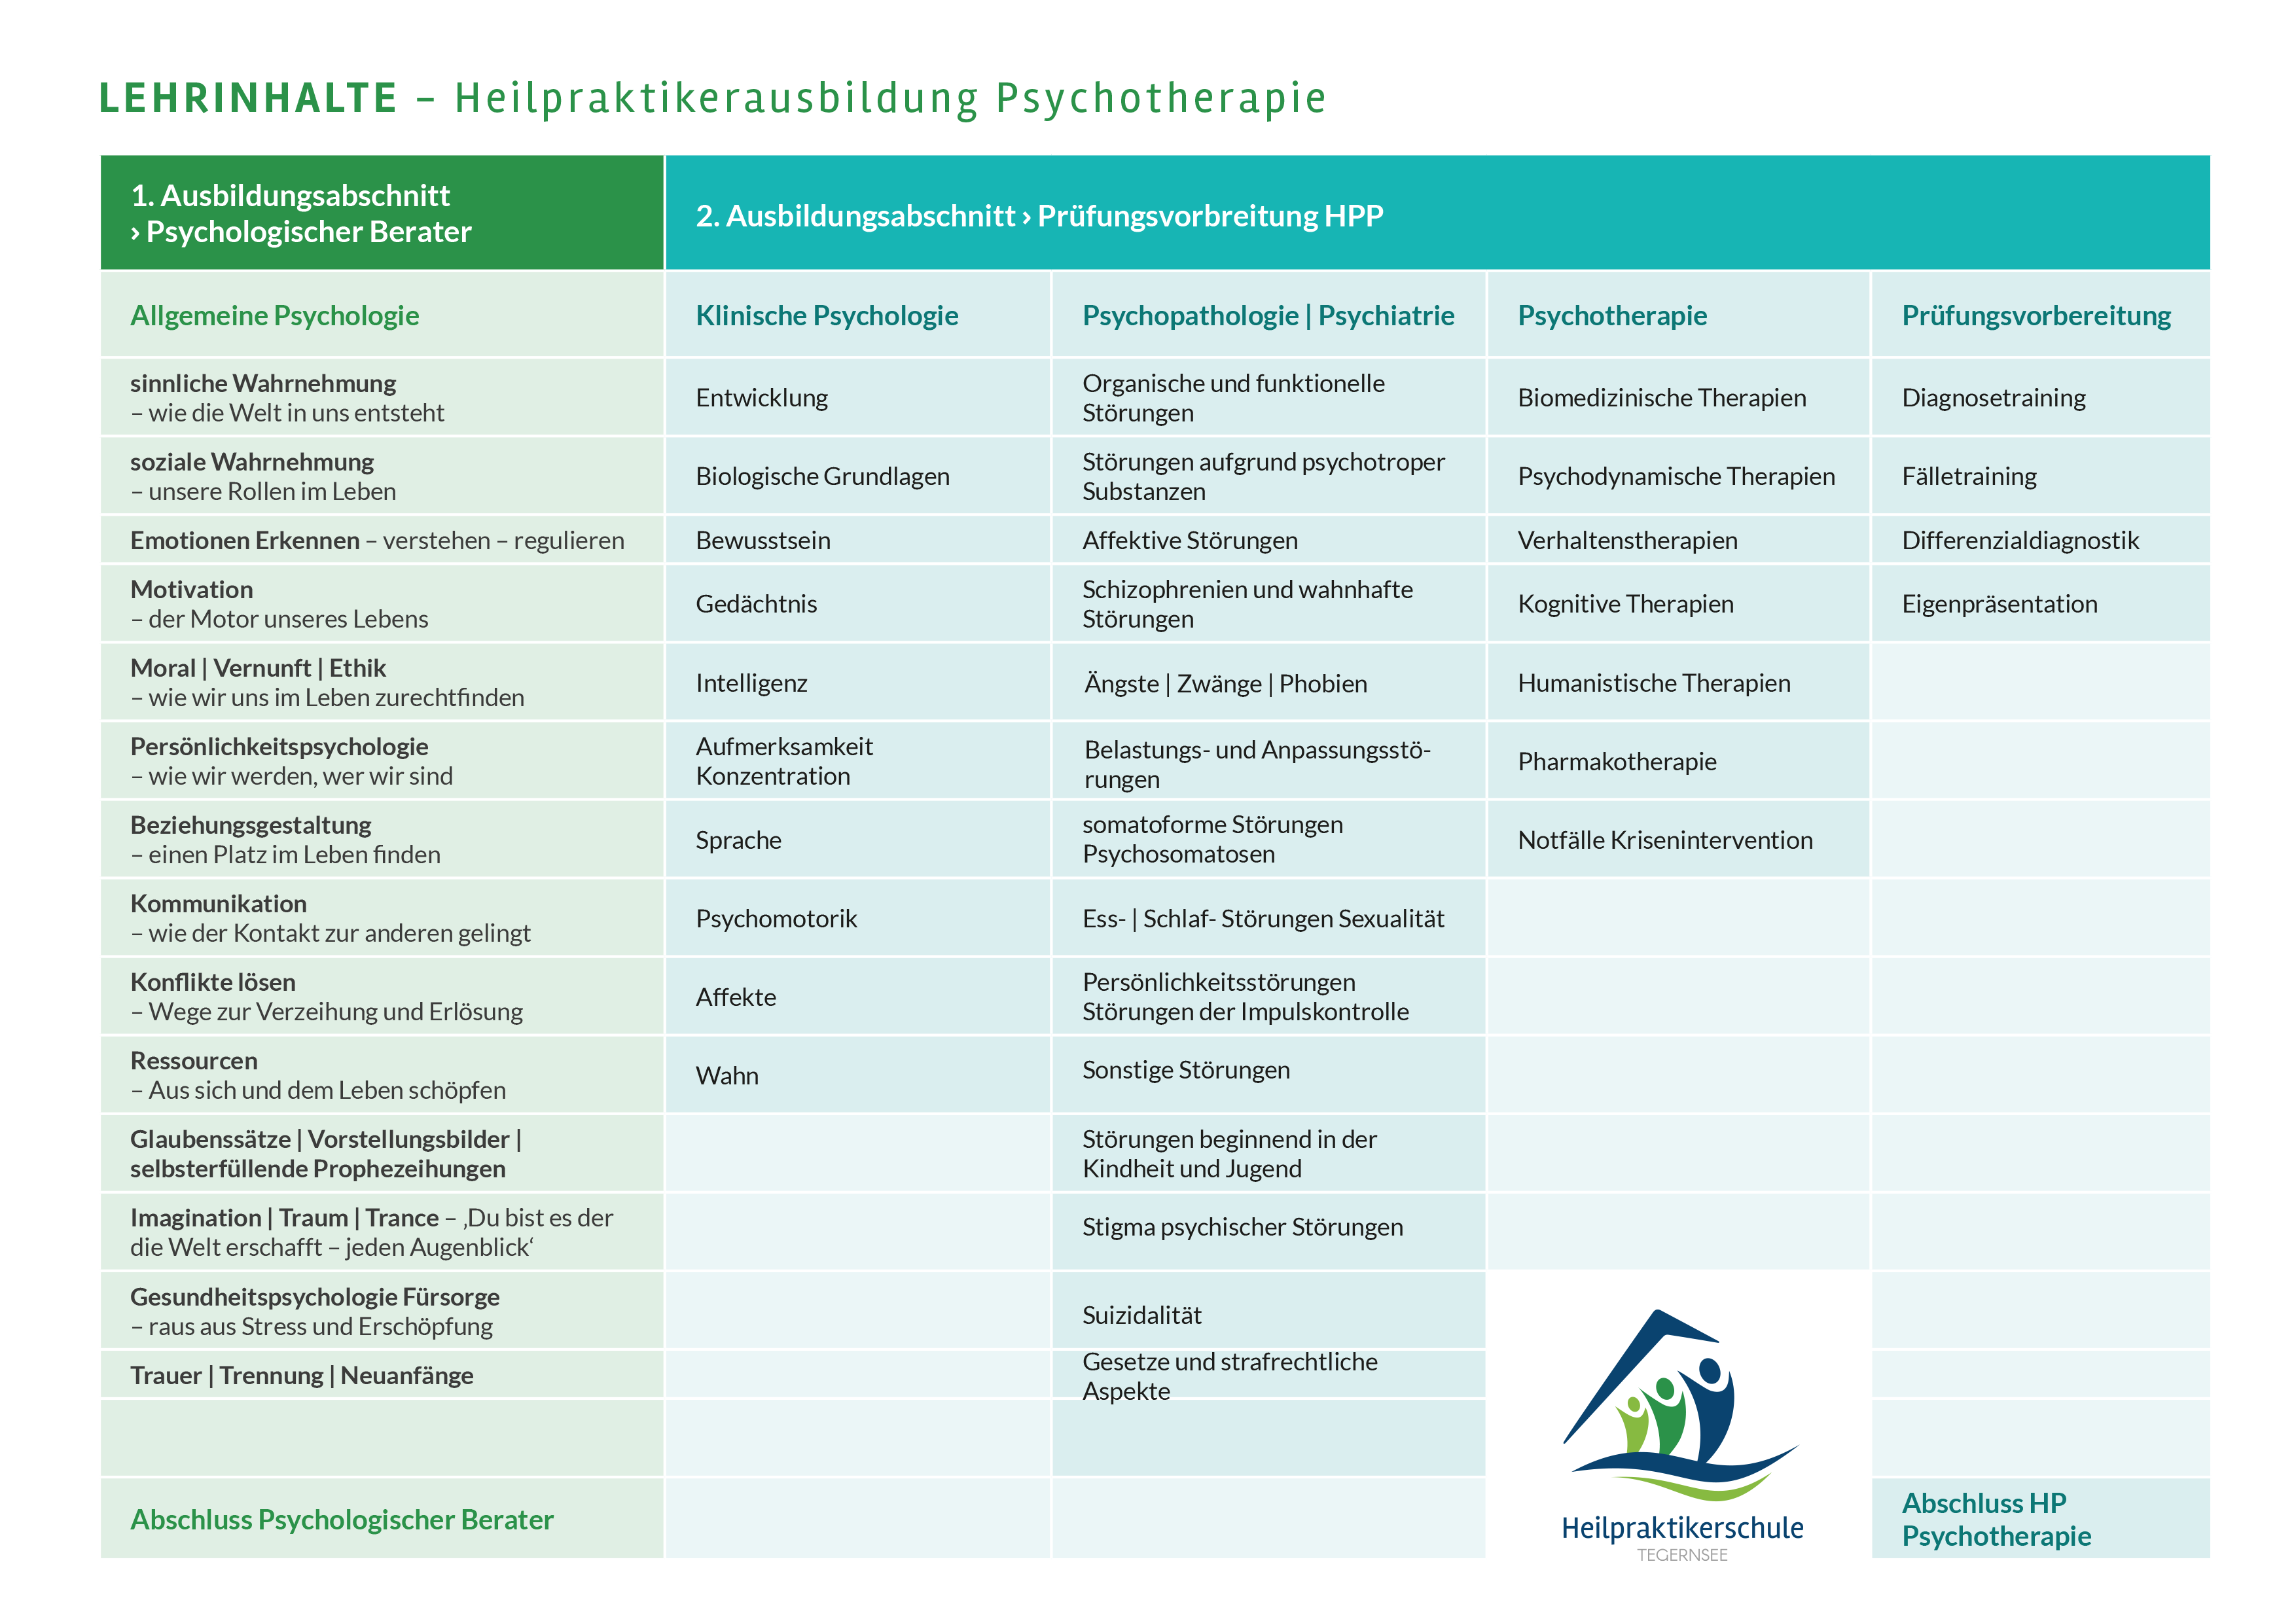 Lerninhalte für die Ausbildung zum Heilpraktiker Psychologie und Psychotherapie in der Heilpraktikerschule Tegernsee